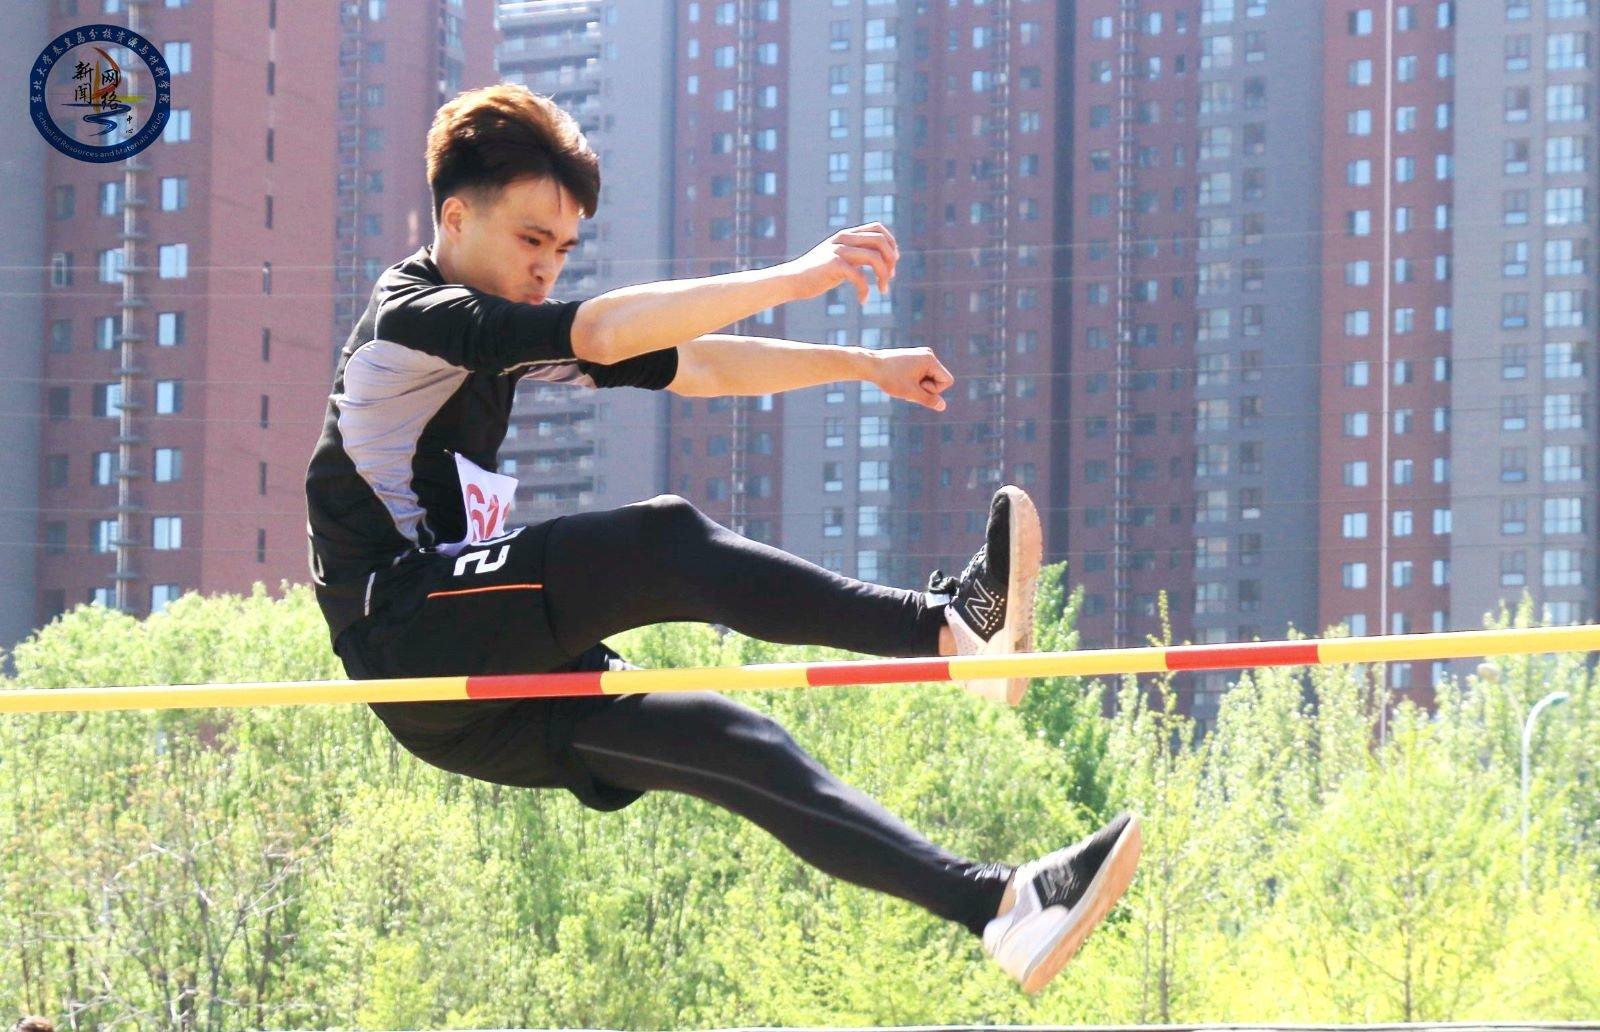 立定跳高_资材运动会简讯|资材学院勇夺运动会跳高和立定跳远第